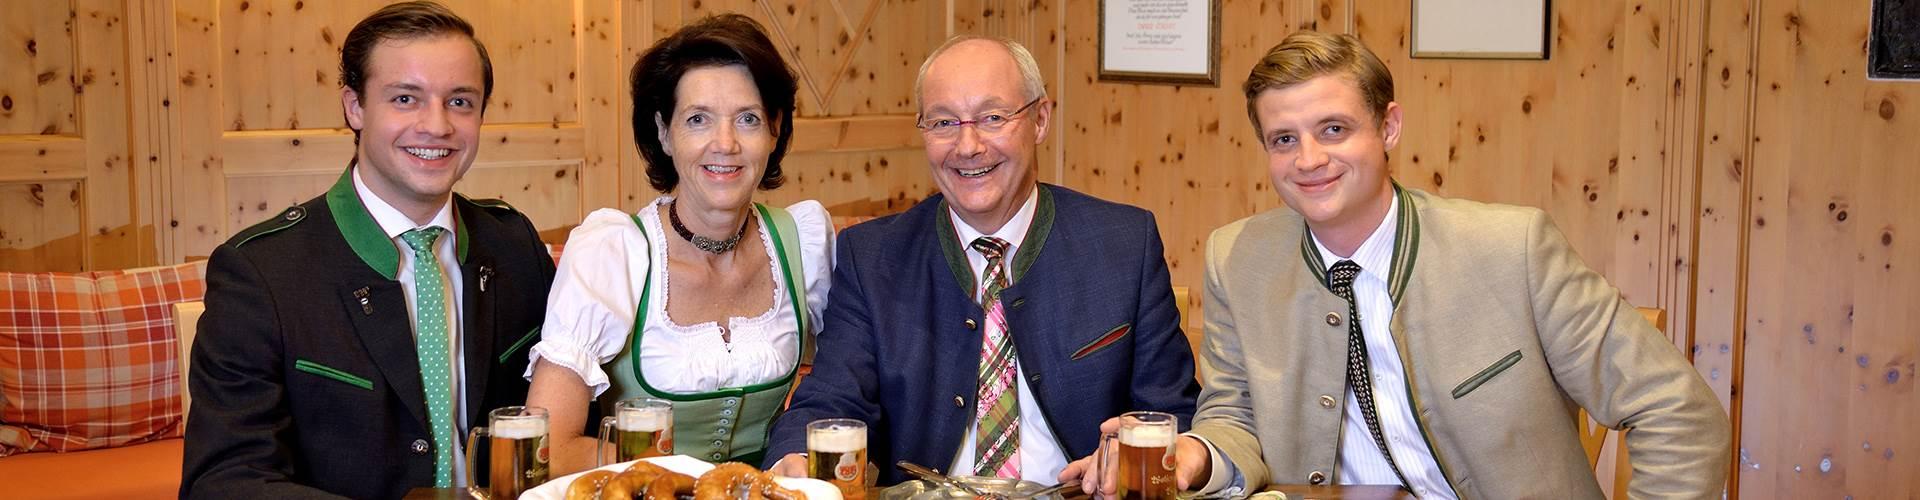 Gastgeber-Familie mit Brettljause und Bier im Portrait